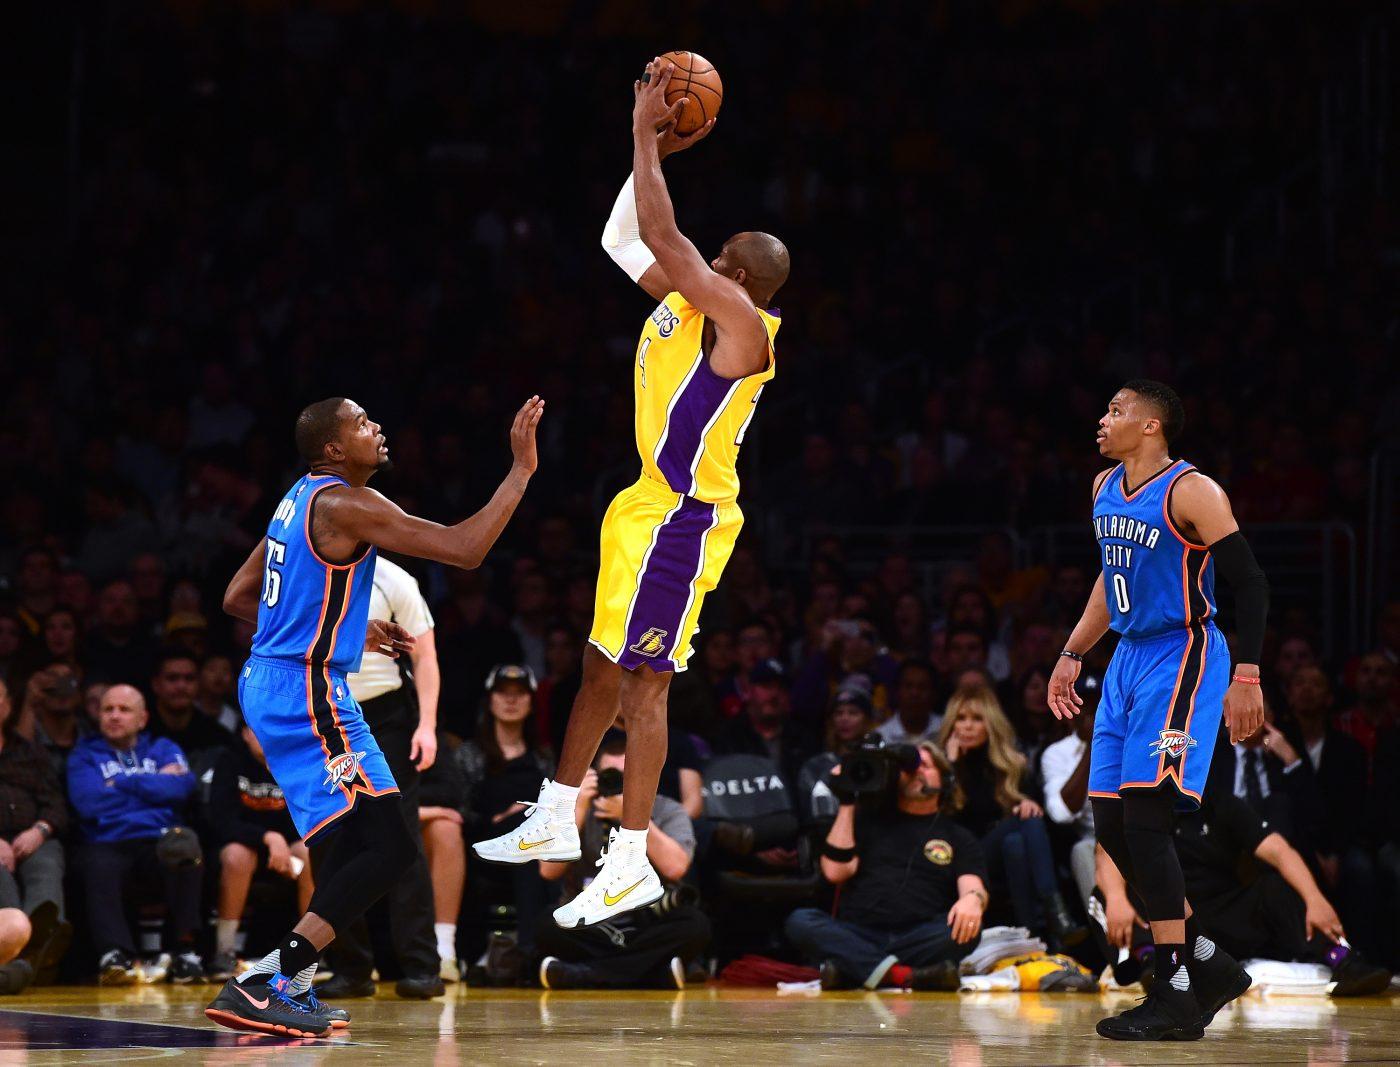 Sylwetka Bryanta nowym logo NBA?